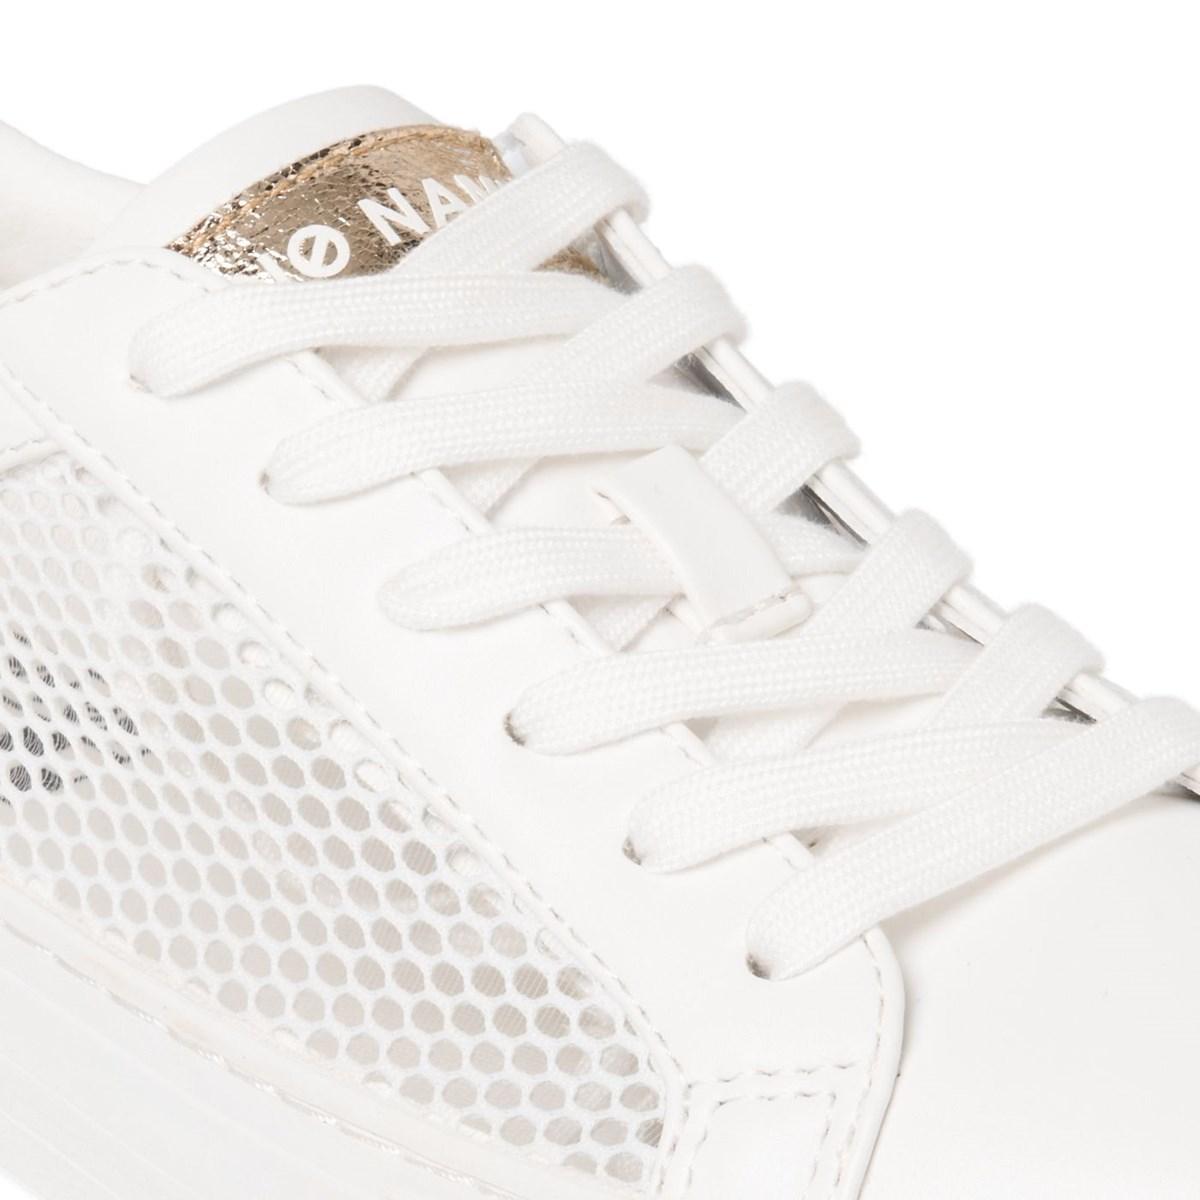 [50%OFF]ARCADE-11133-WHITE アルカデ ホワイト